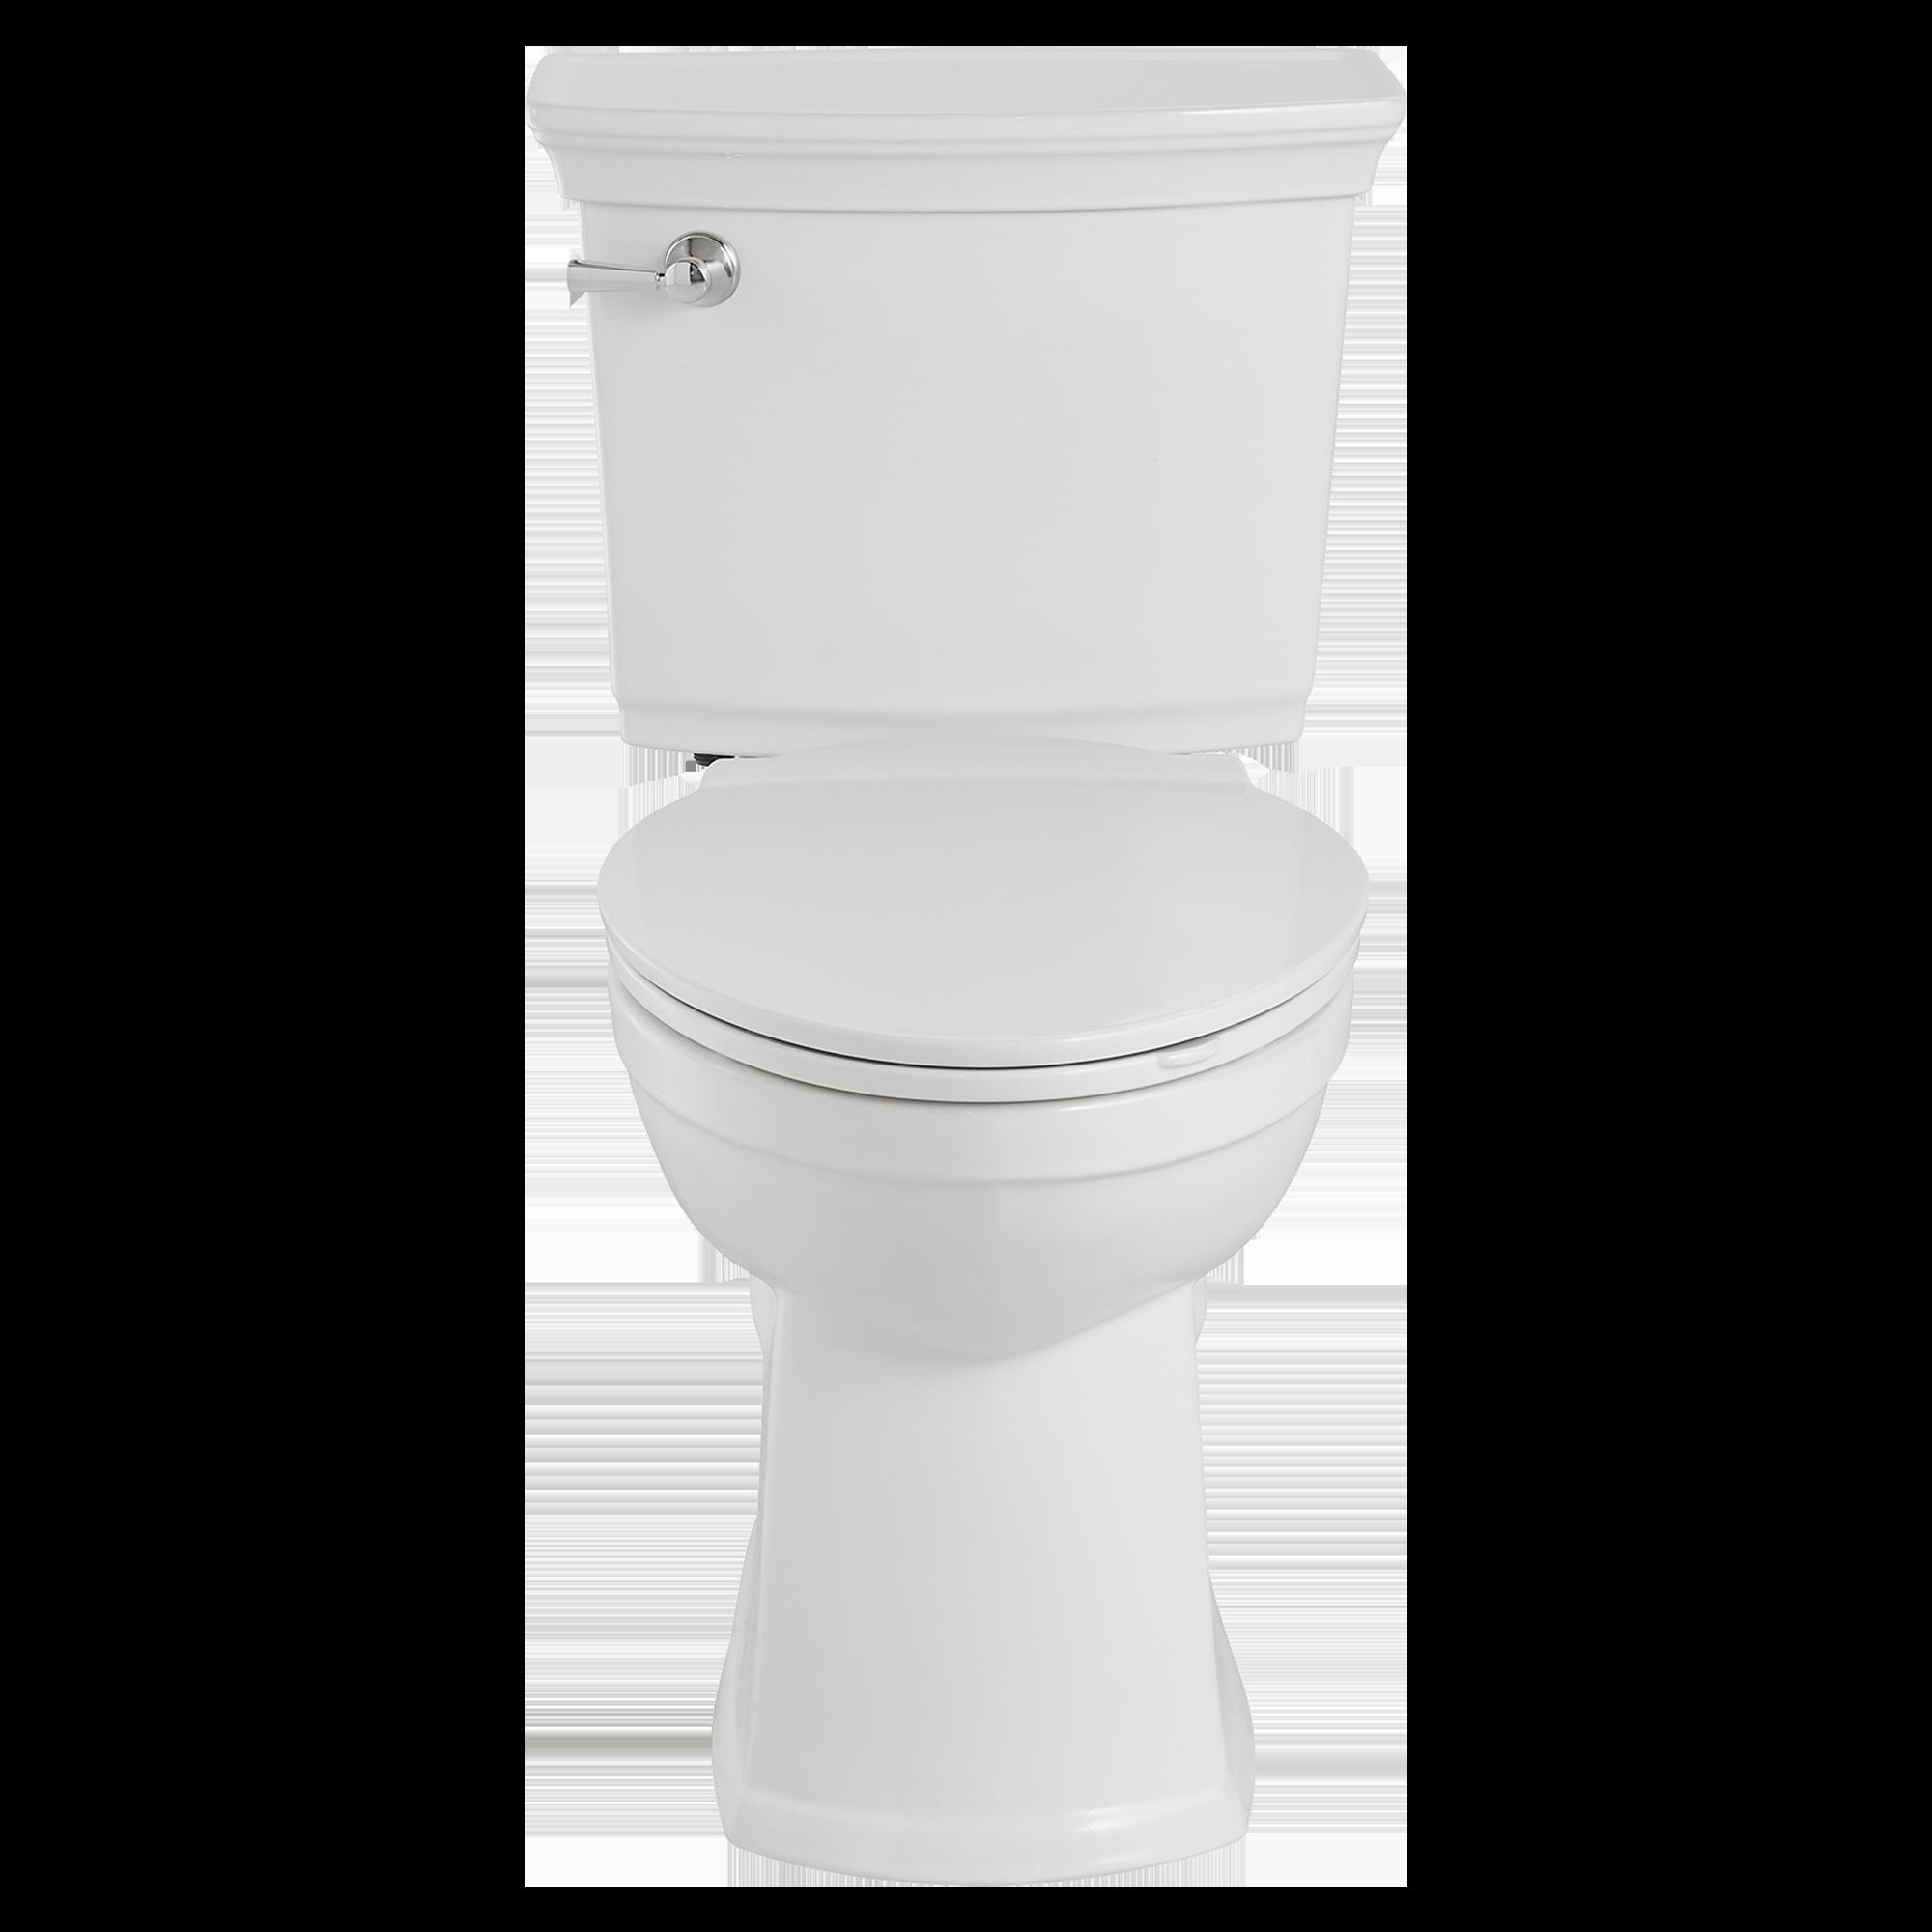 Toilet bowl clipart for house plans clip freeuse download VorMax Plus Elongated Complete Toilet | American Standard clip freeuse download